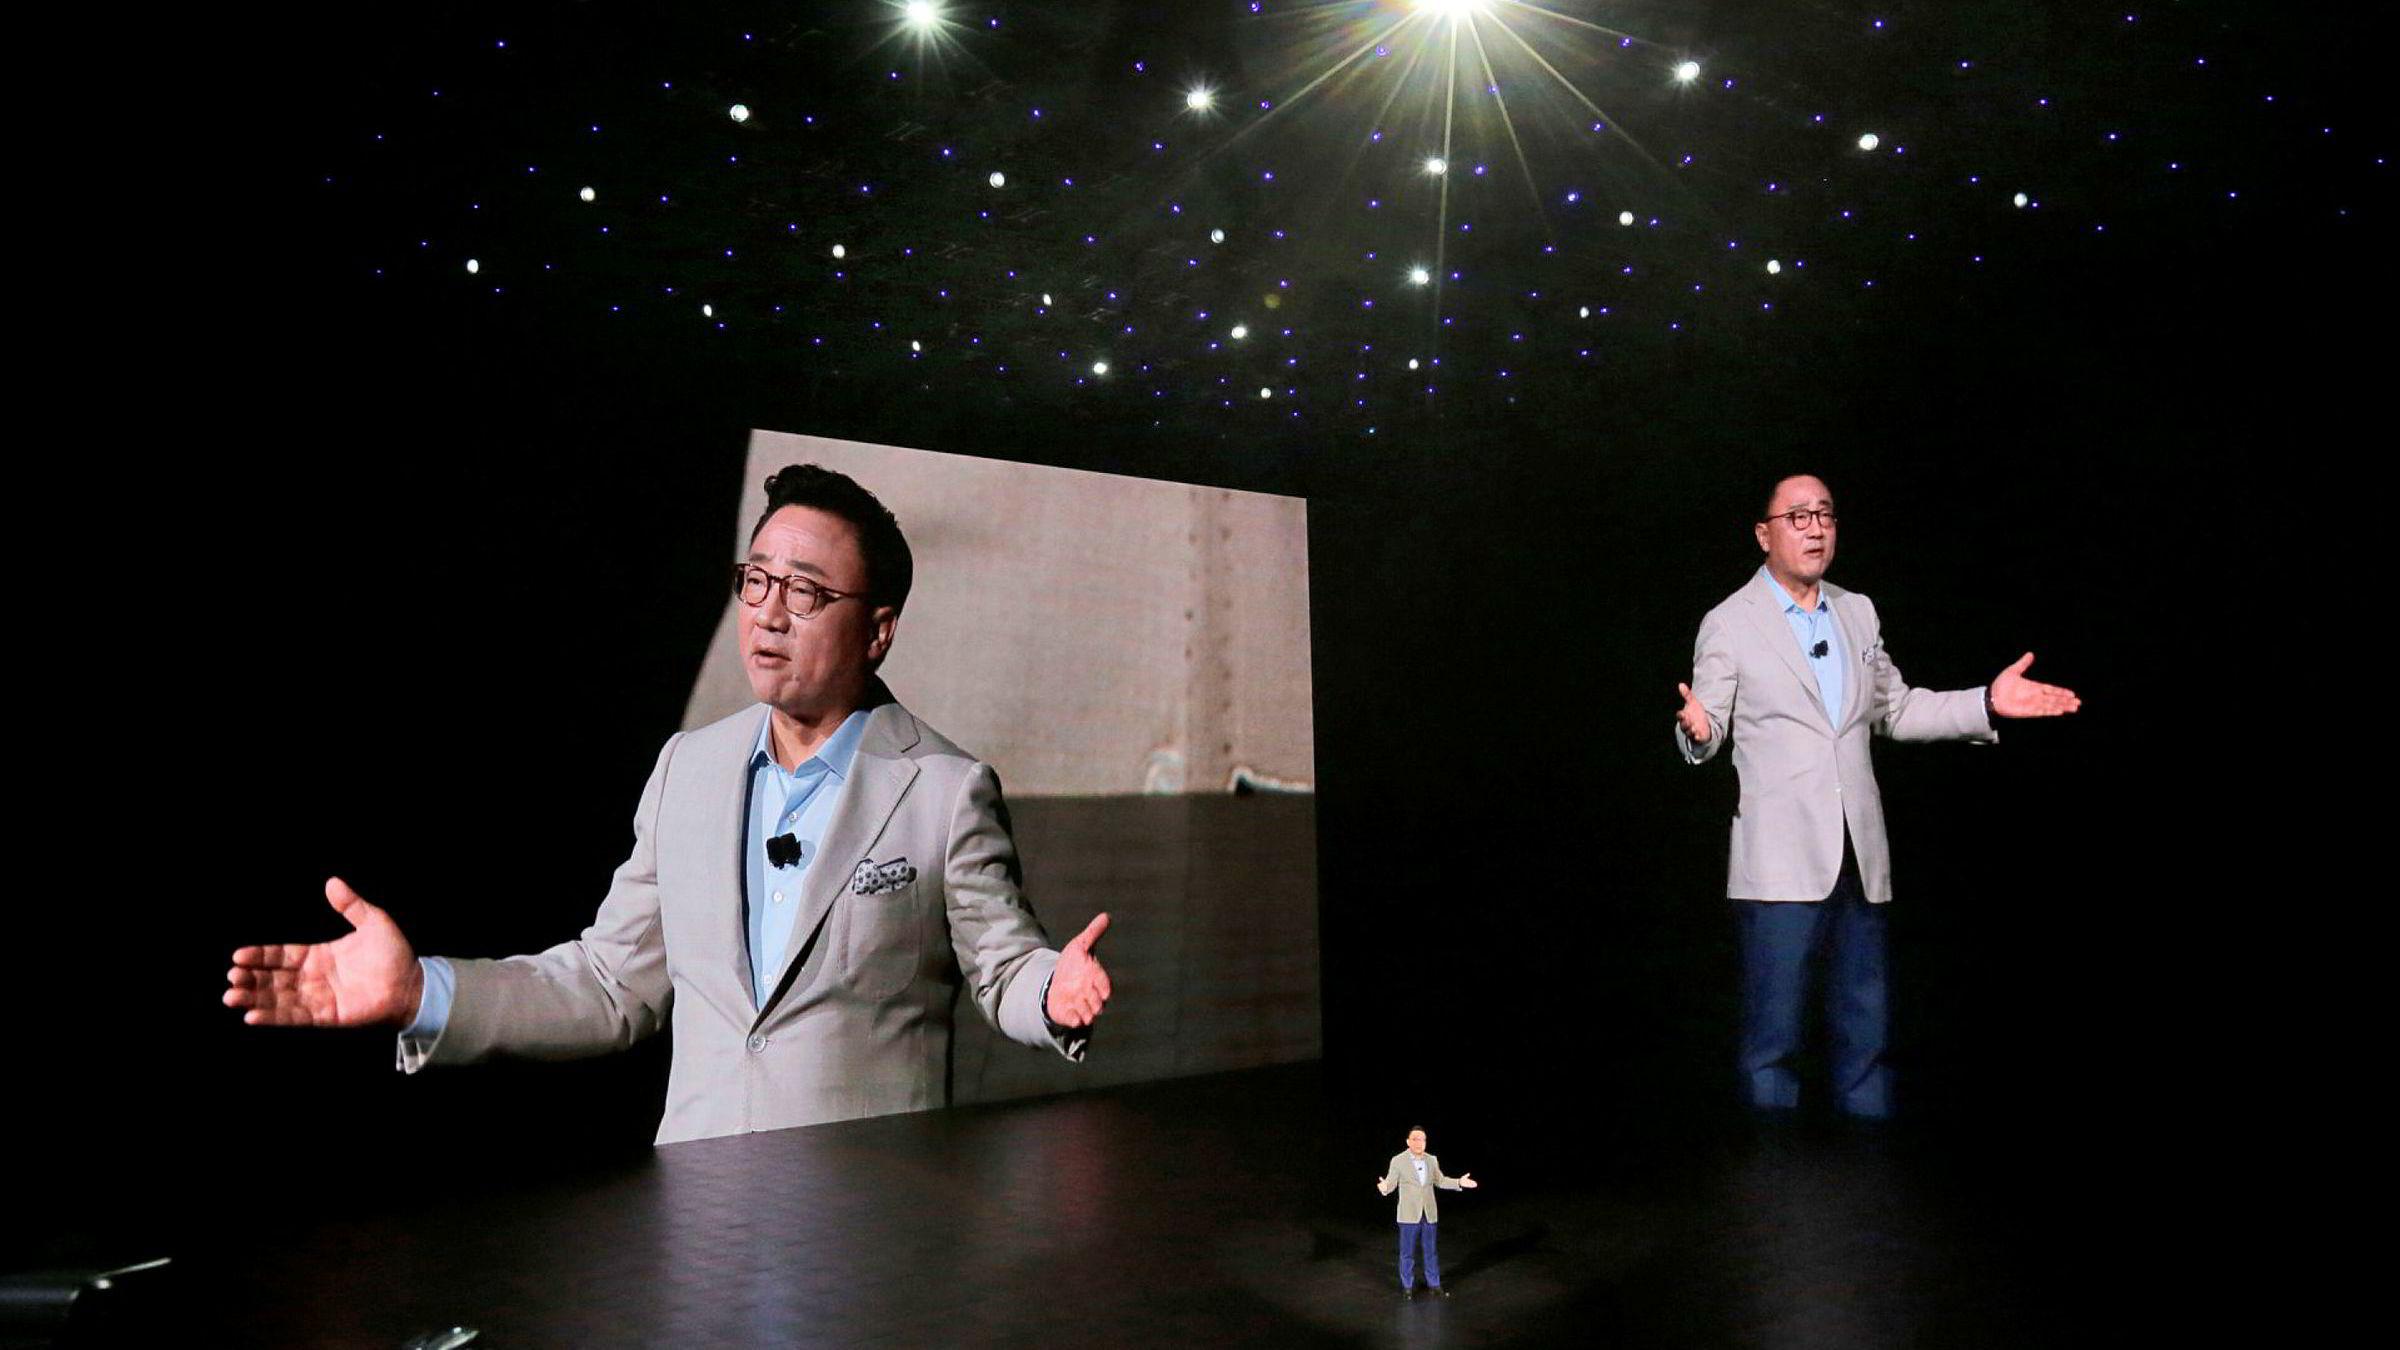 Koh Dong-jin (dj Koh) er et kjent ansikt når Samsung lanserer nye smarttelefoner. 56-åringen har styrt Samsungs mobildivisjon gjennom flere kriser. Nå rykker han inn i toppledelsen som én av tre nye visestyreledere.